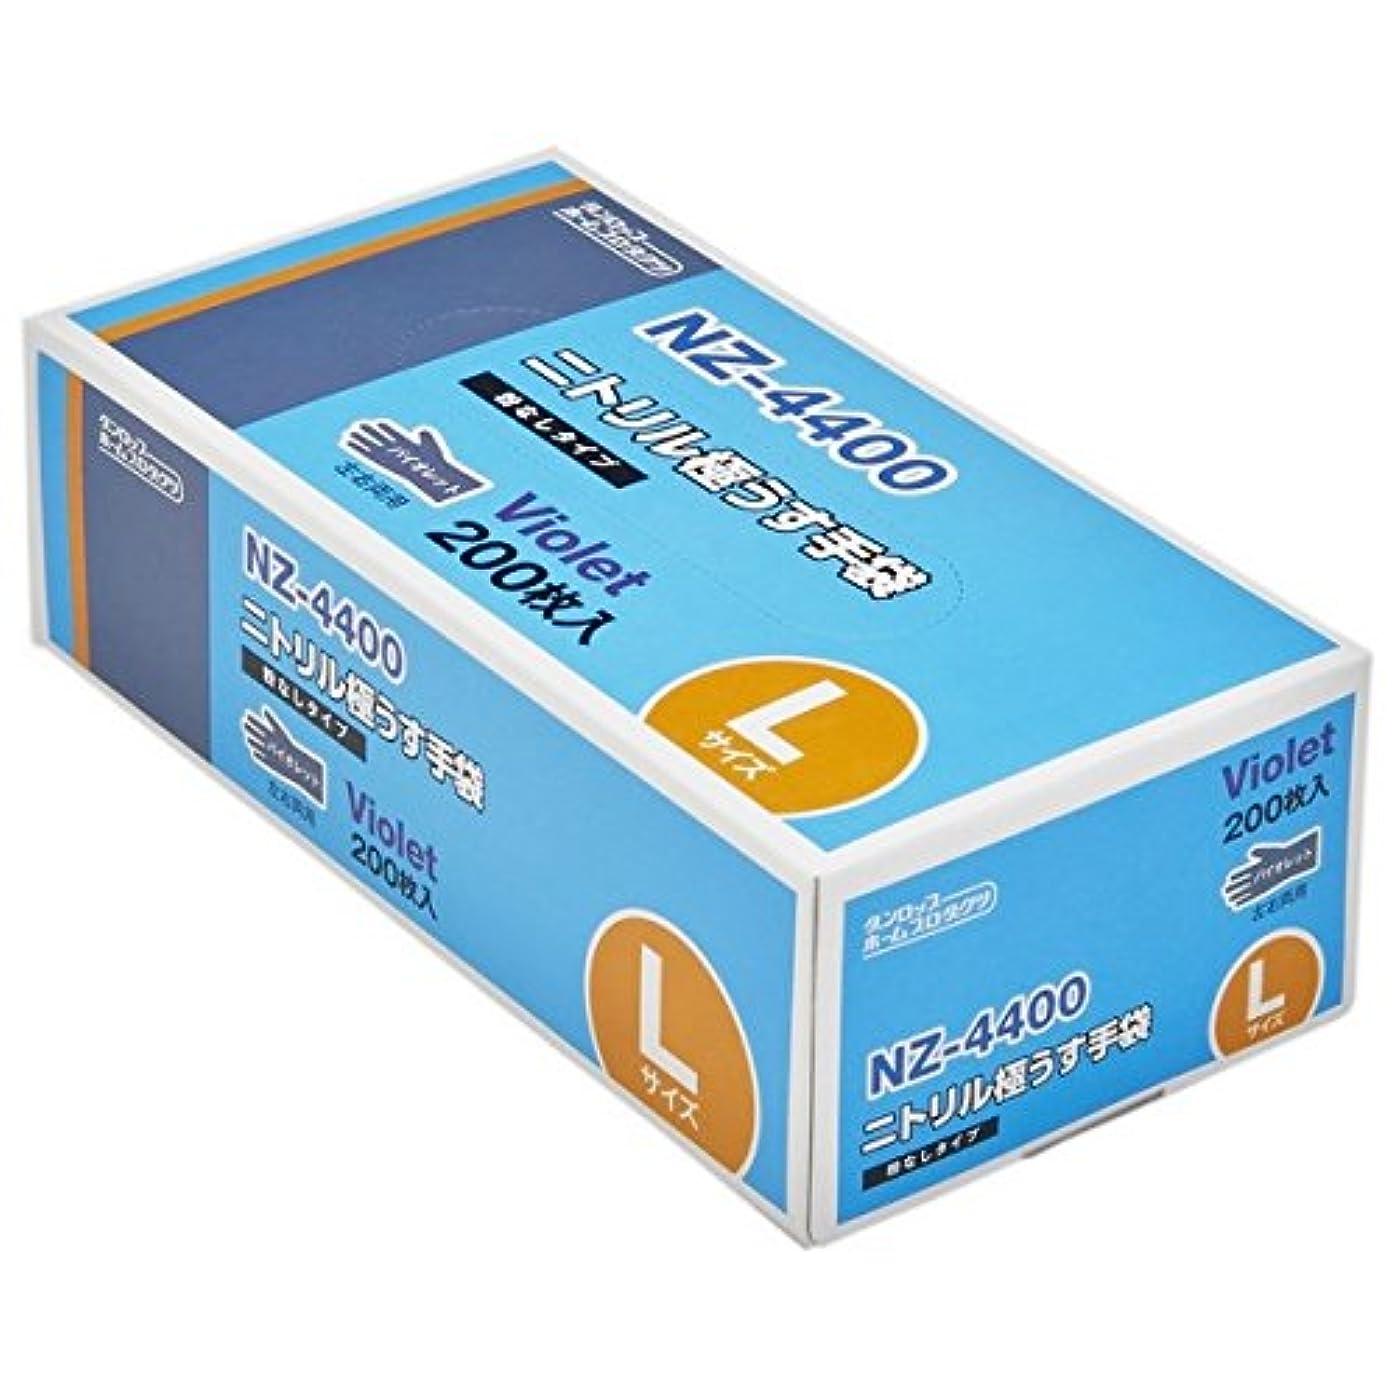 アベニュー関与するマーチャンダイザーダンロップ ニトリル極うす手袋 NZ-4400 バイオレット 粉なし Lサイズ 200枚入